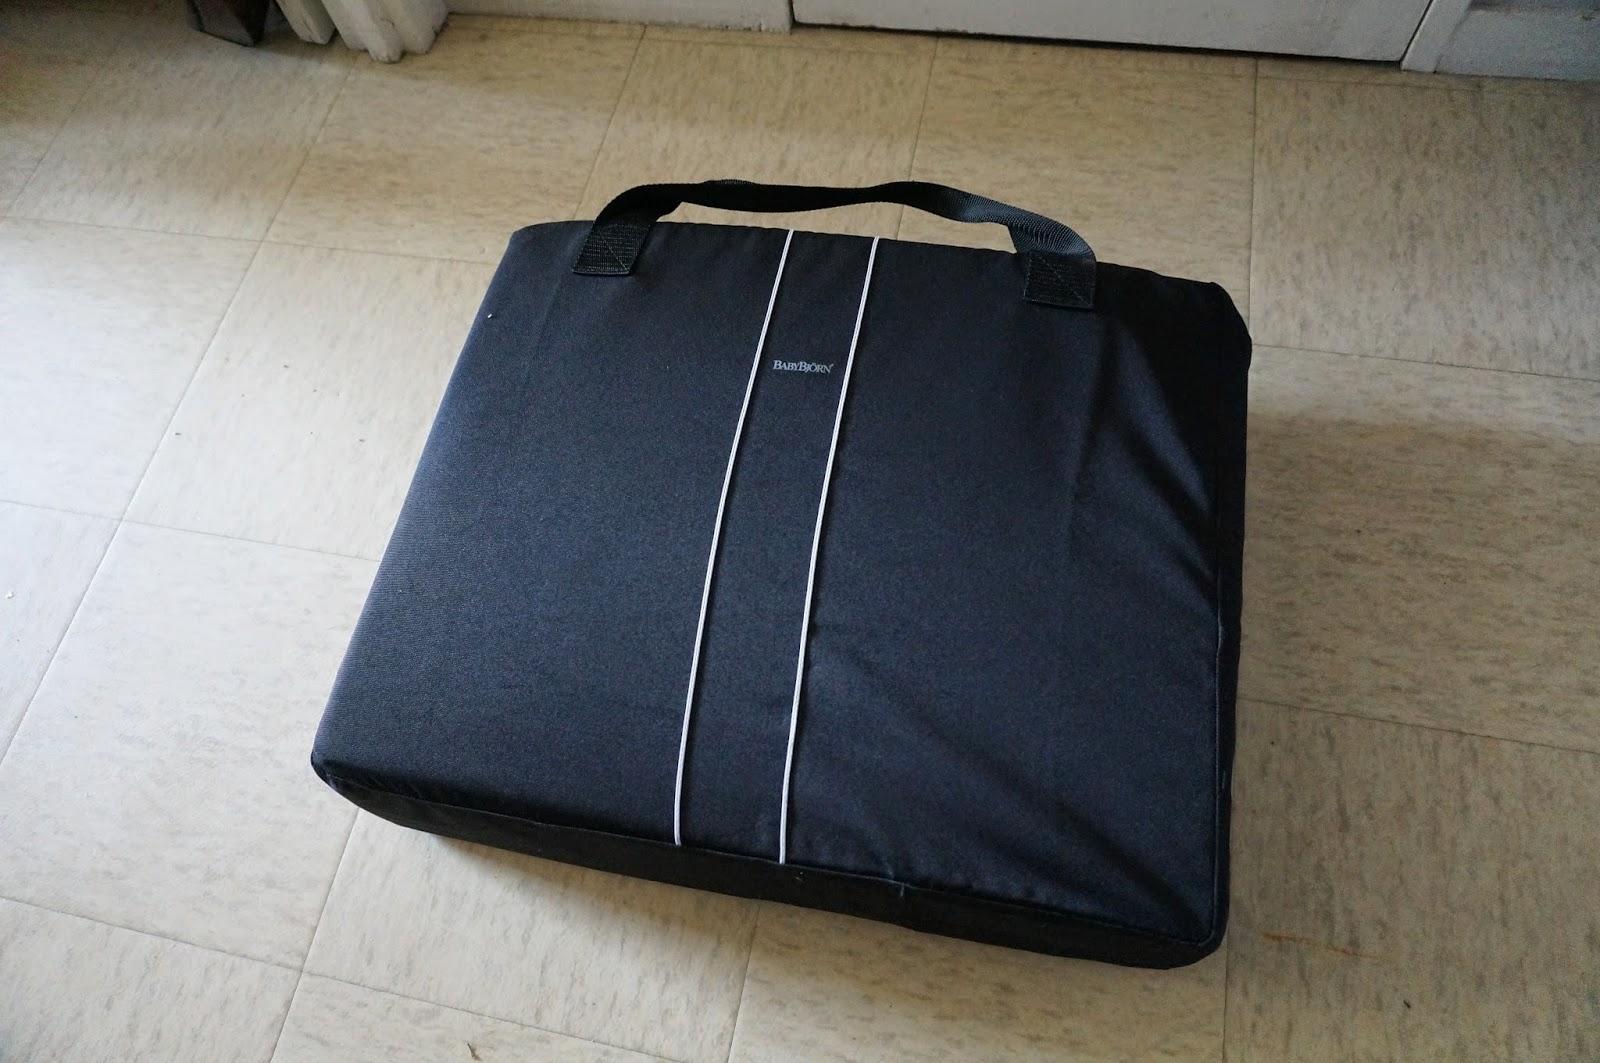 Acheter en ligne lit parapluie britax pour jacadi - Acheter lit en ligne ...